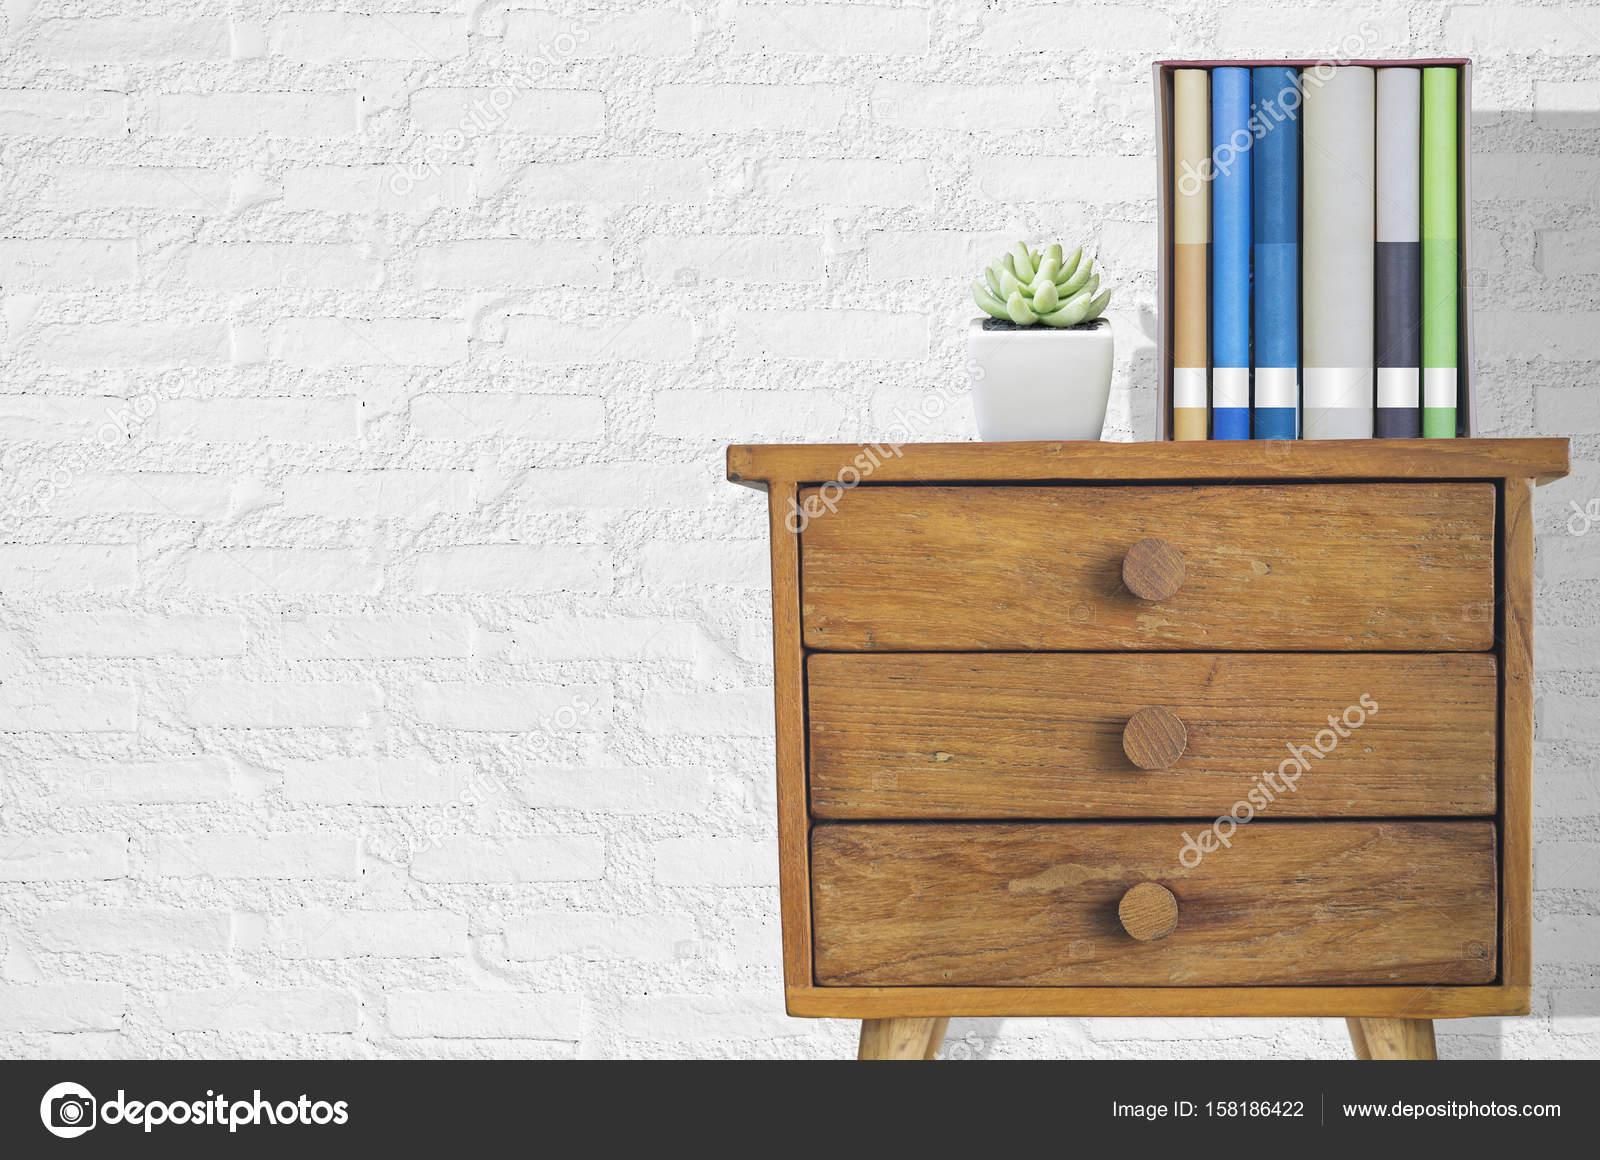 Plant en stapel boeken op houten dressoir u2014 stockfoto © nirutdps